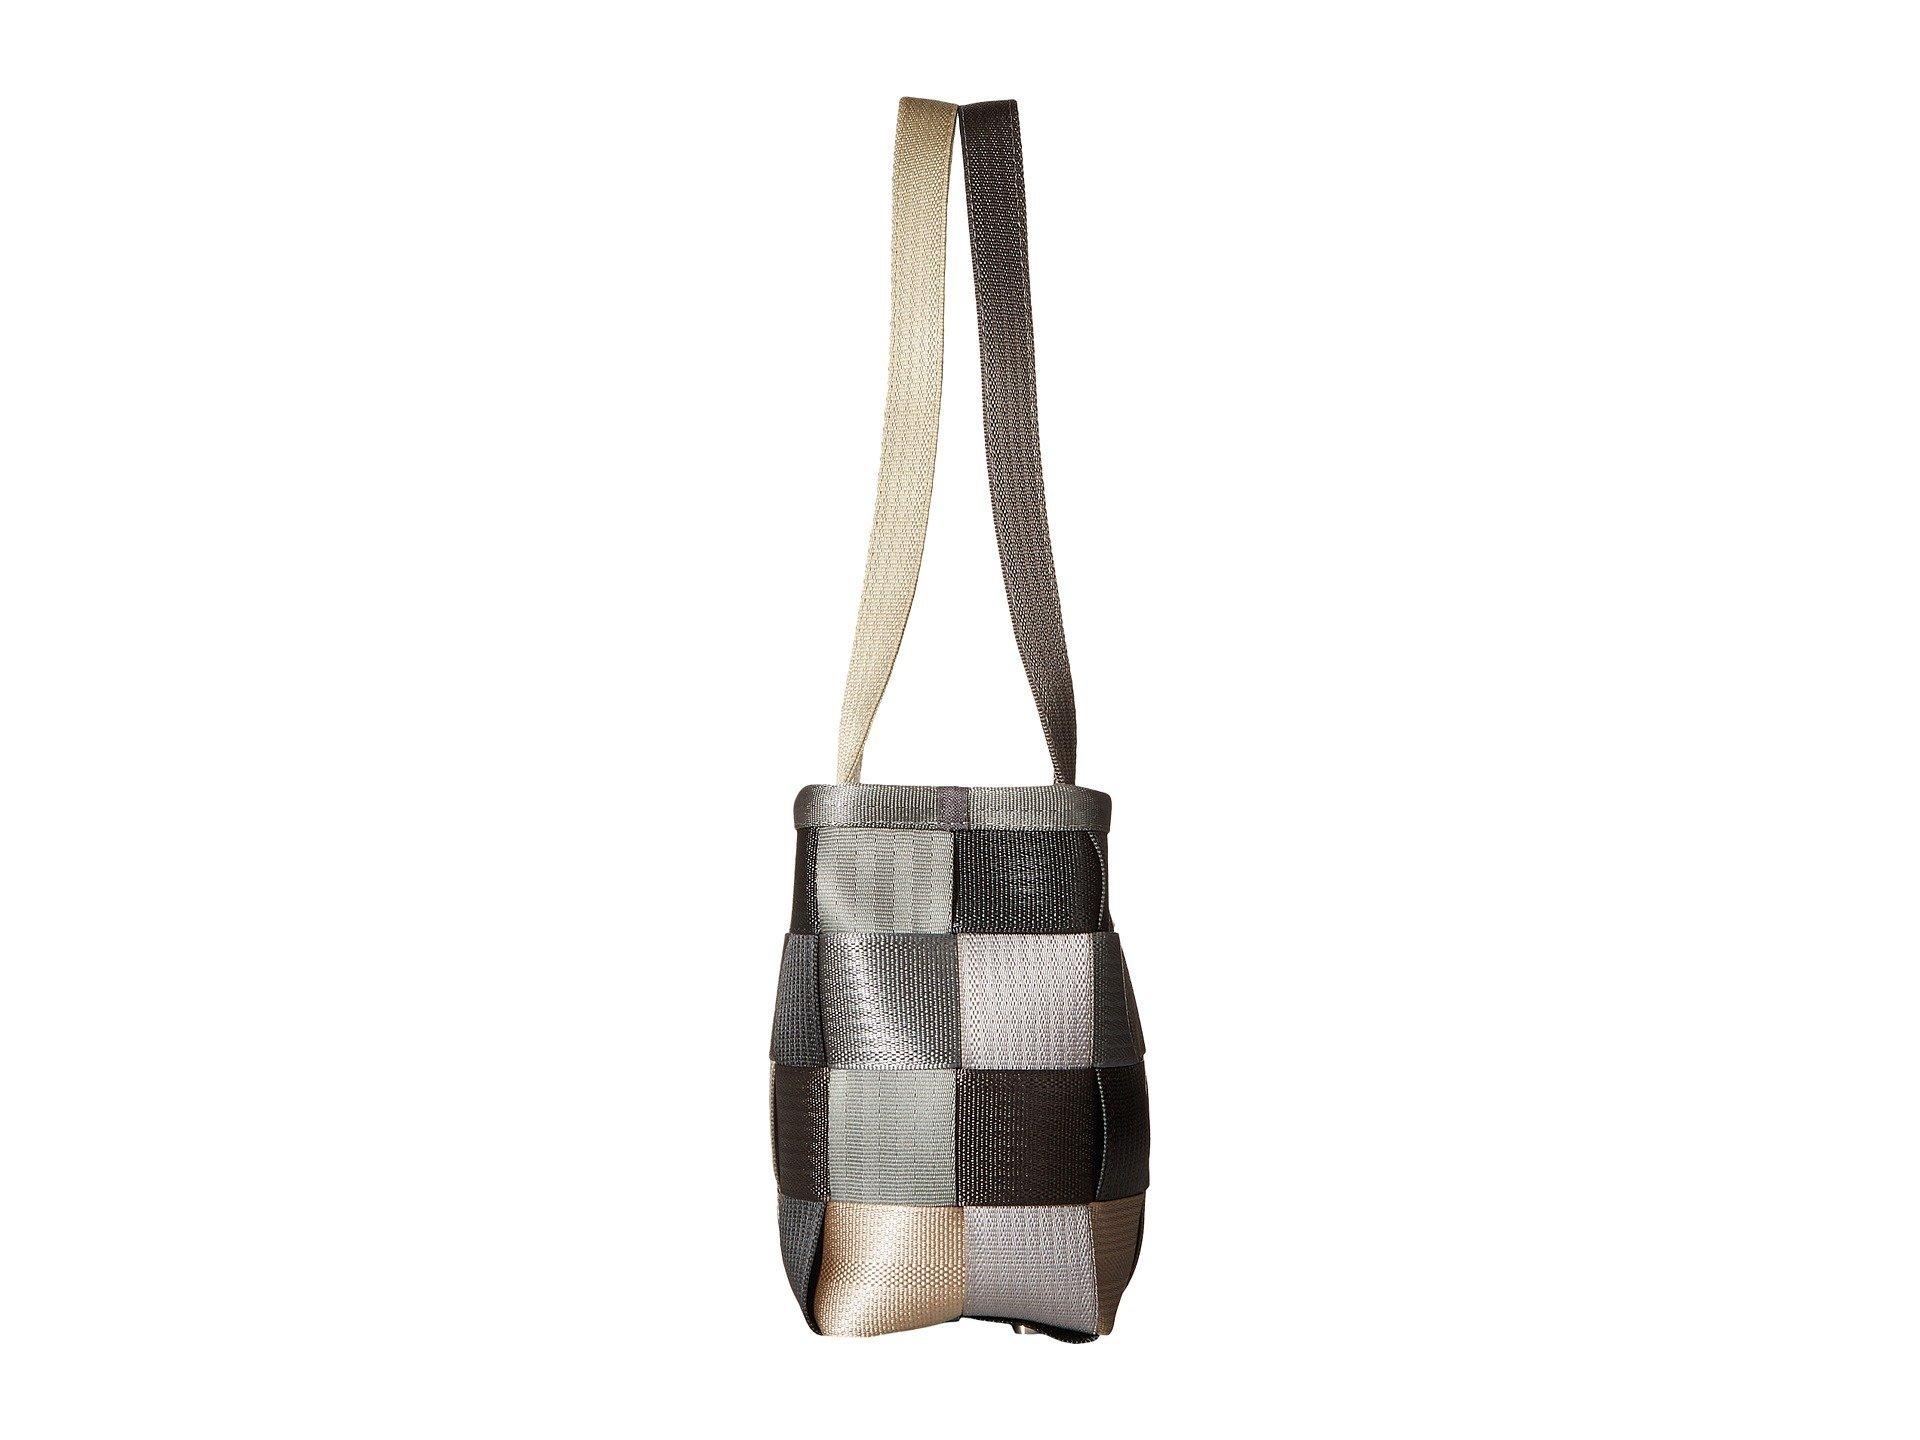 Harveys Harveys Satchel Treecycle Bag Seatbelt Seatbelt Bag 0BqwxB4a